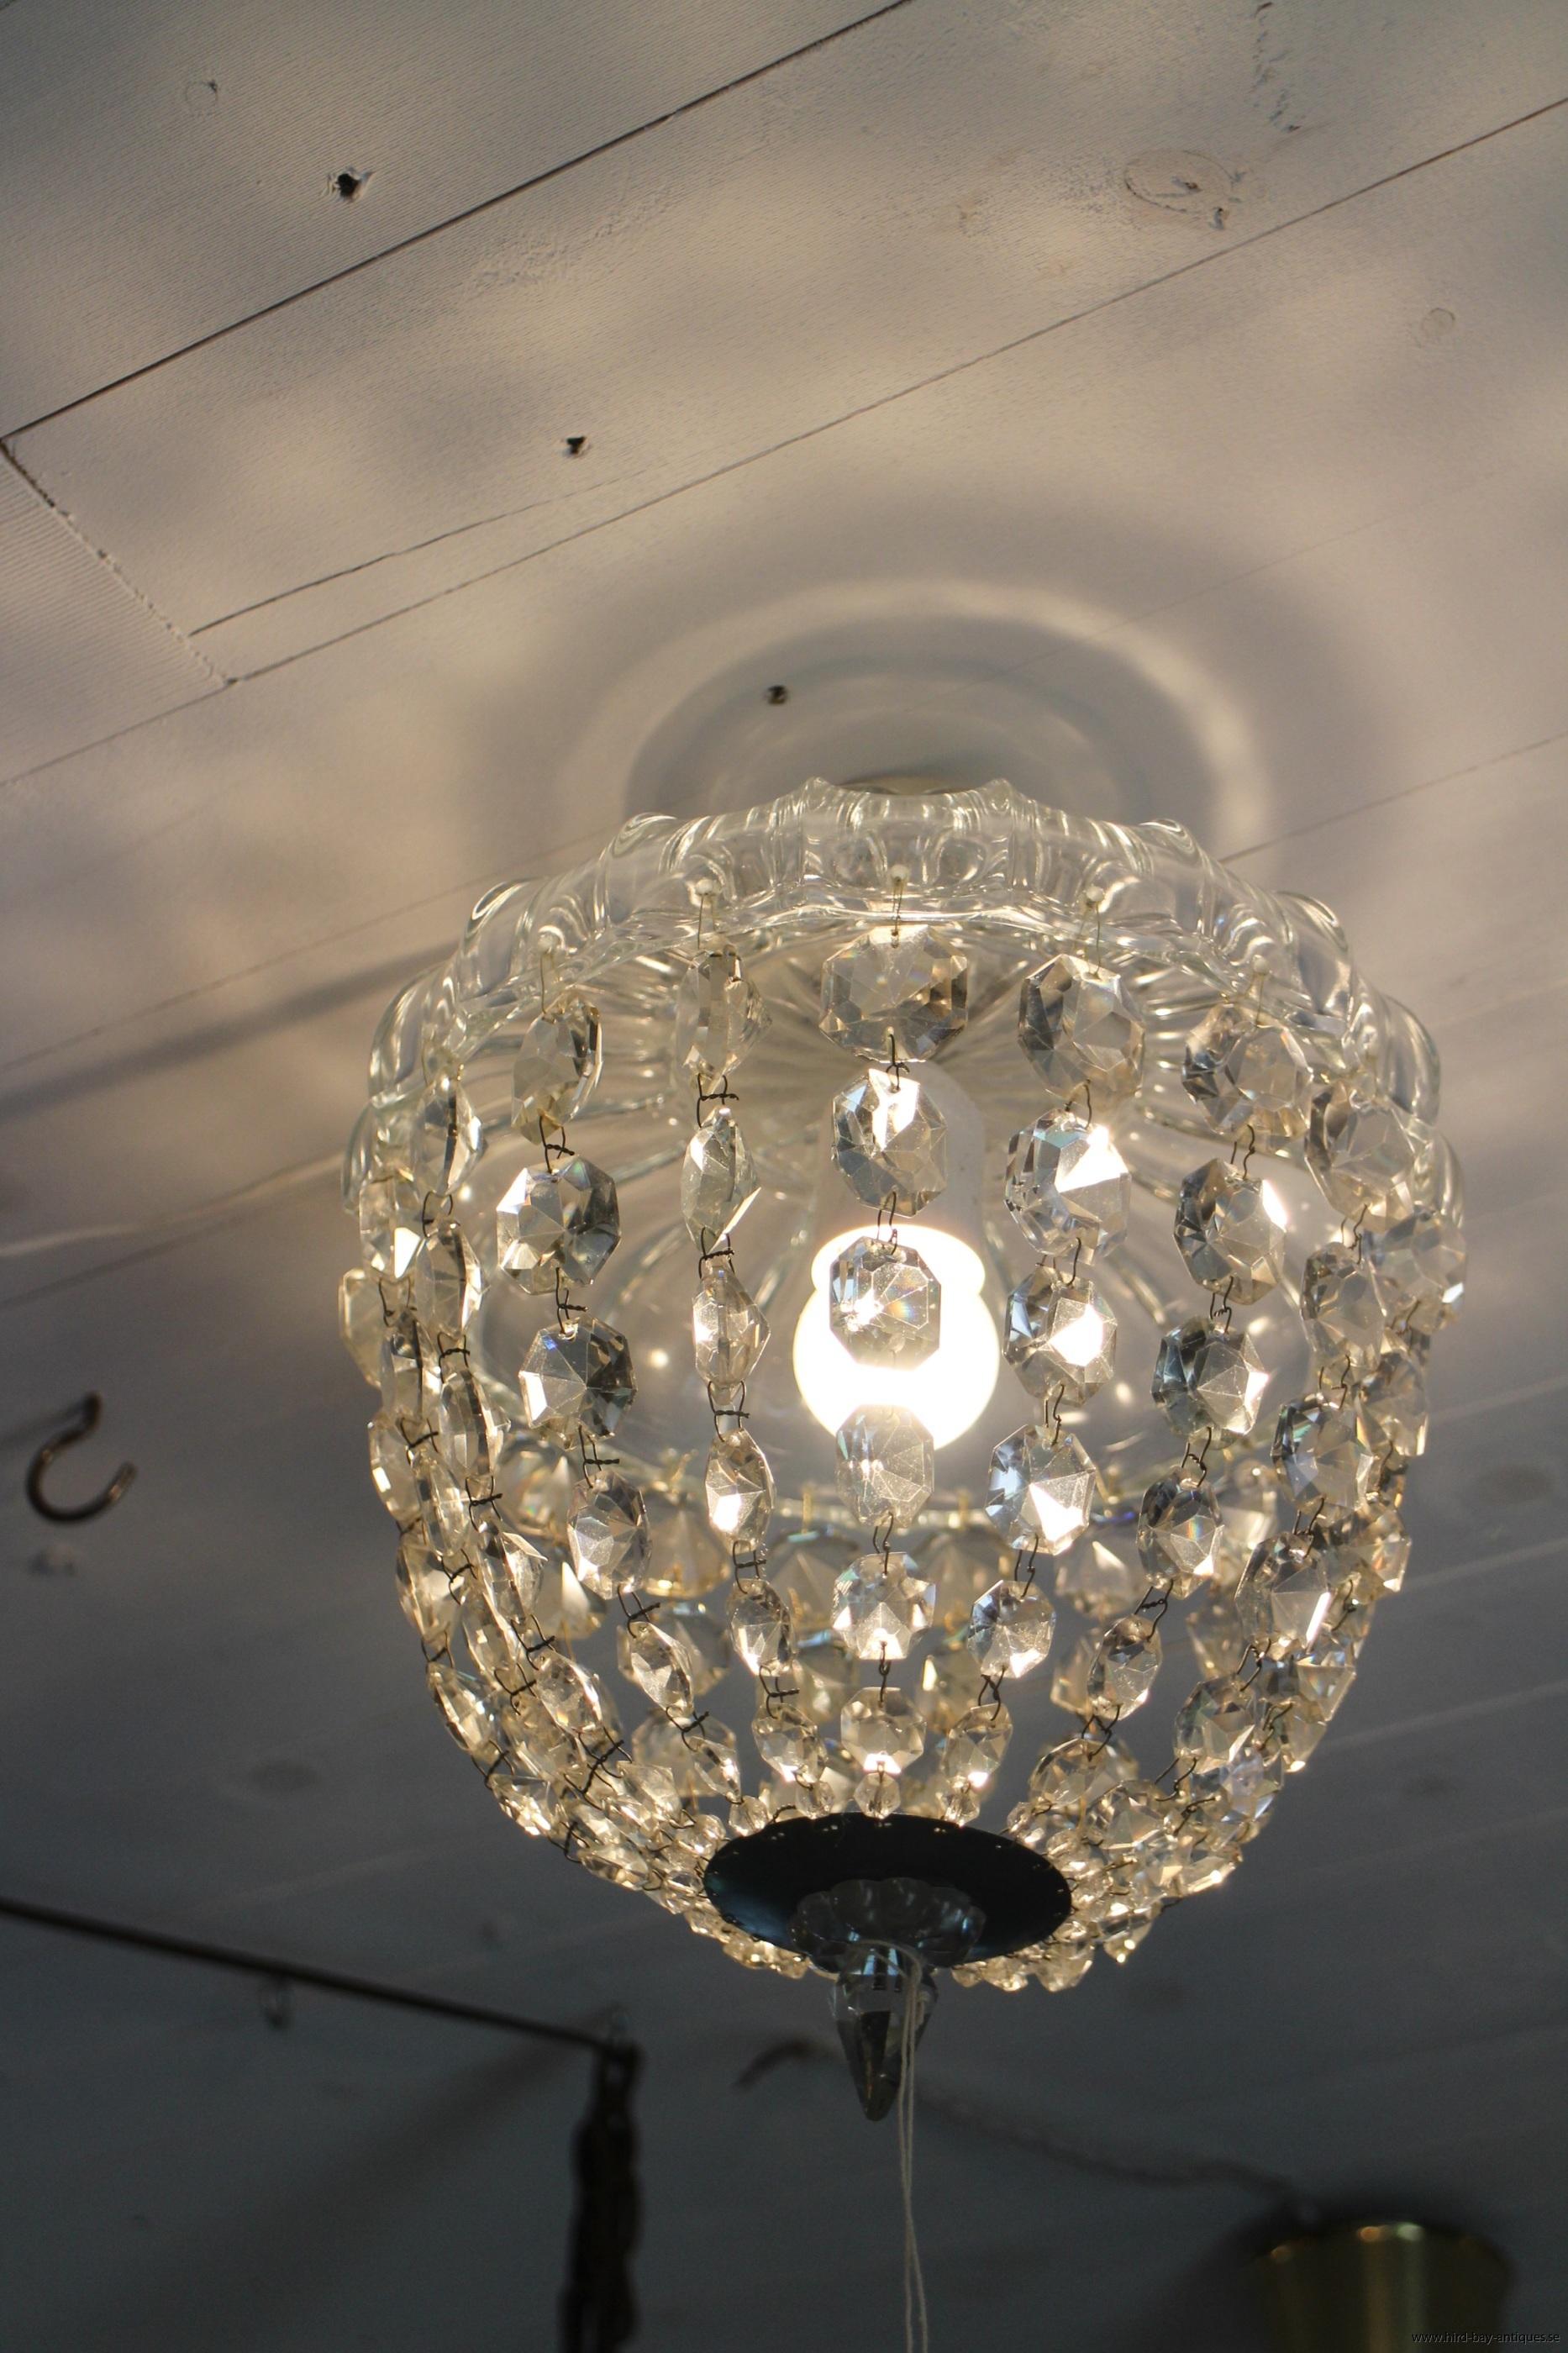 takkrona kristallboll